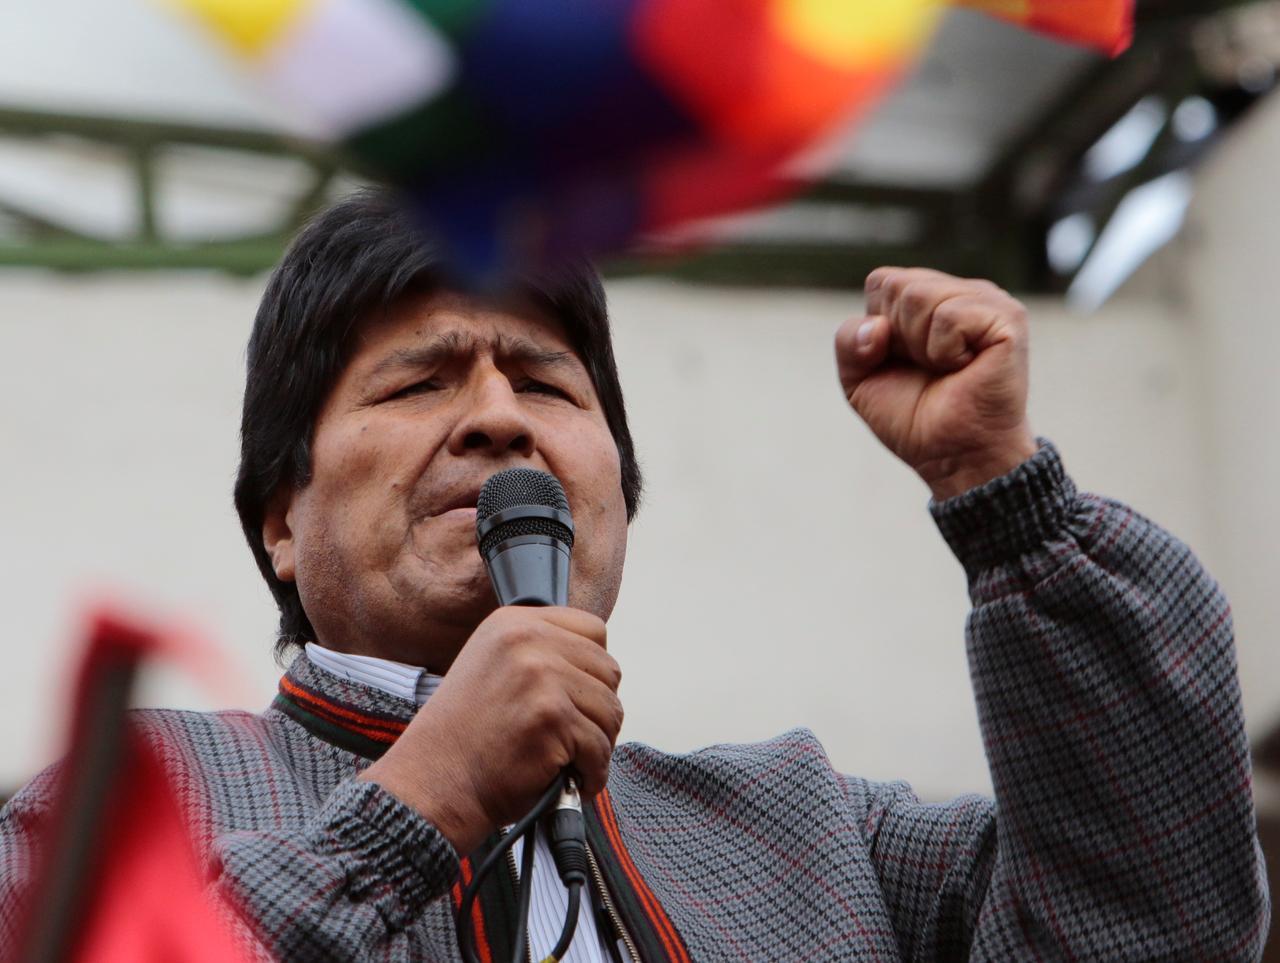 Digoyang Demonstrasi, Rezim Evo Morales Akhirnya Tumbang - JPNN.com